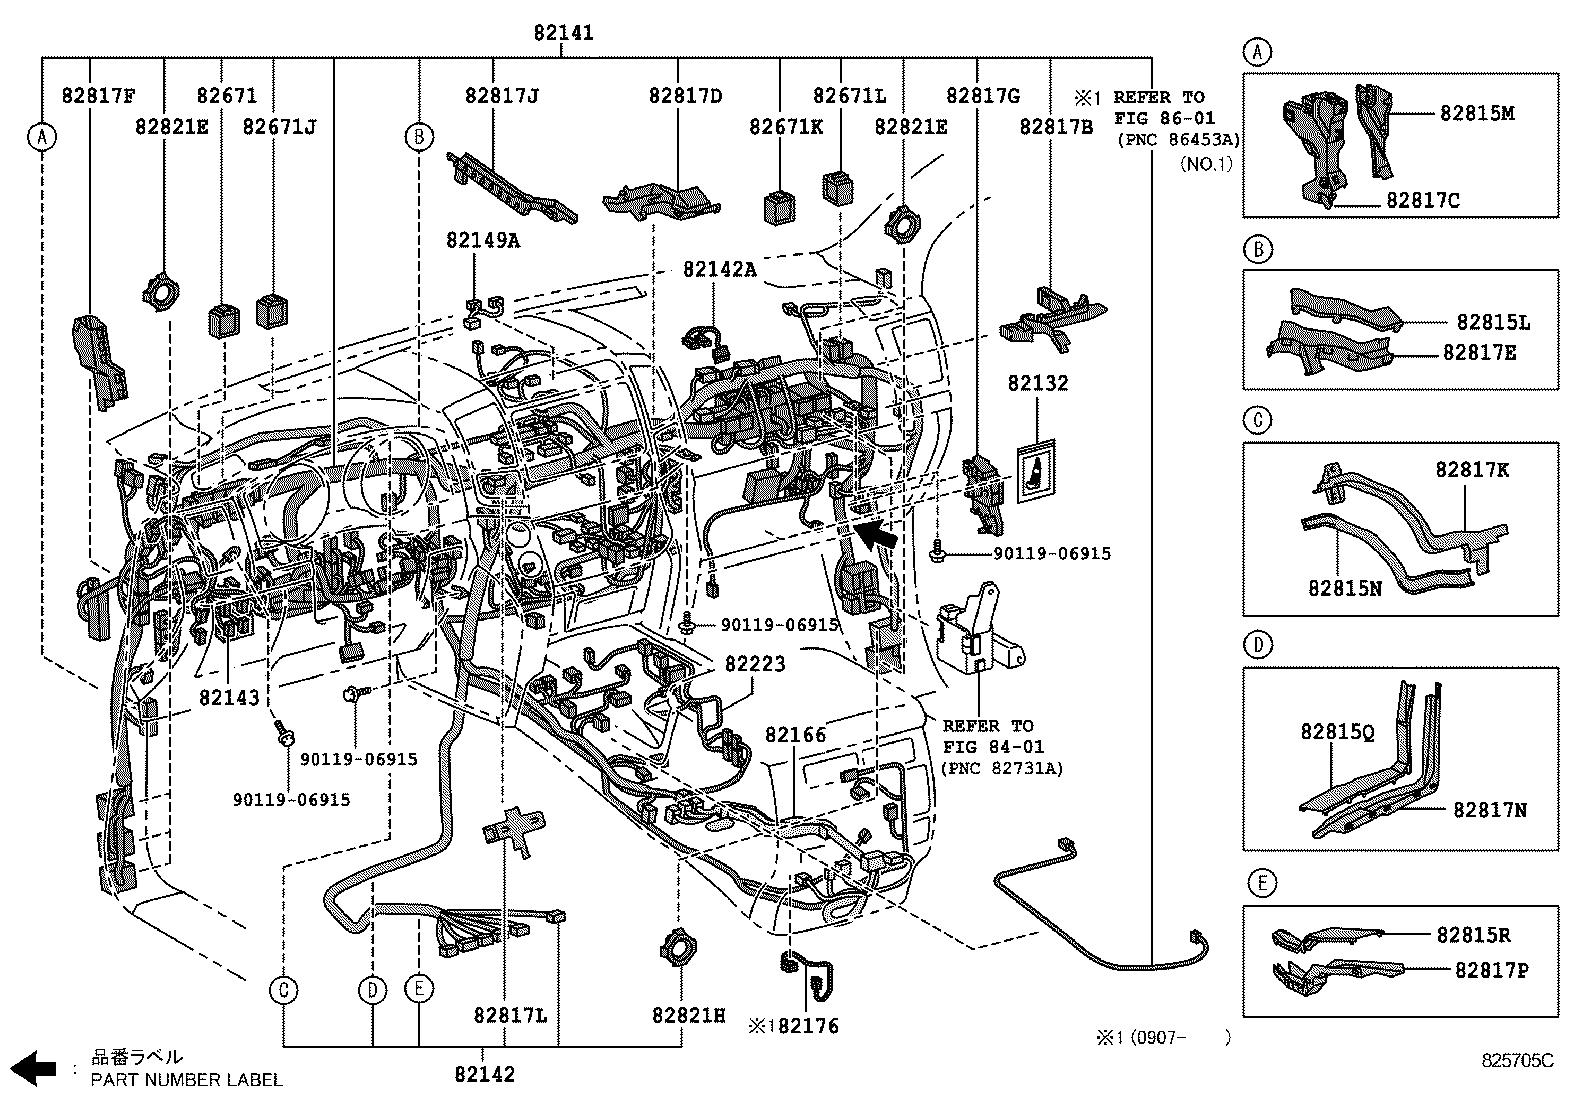 2007 fj cruiser engine diagram